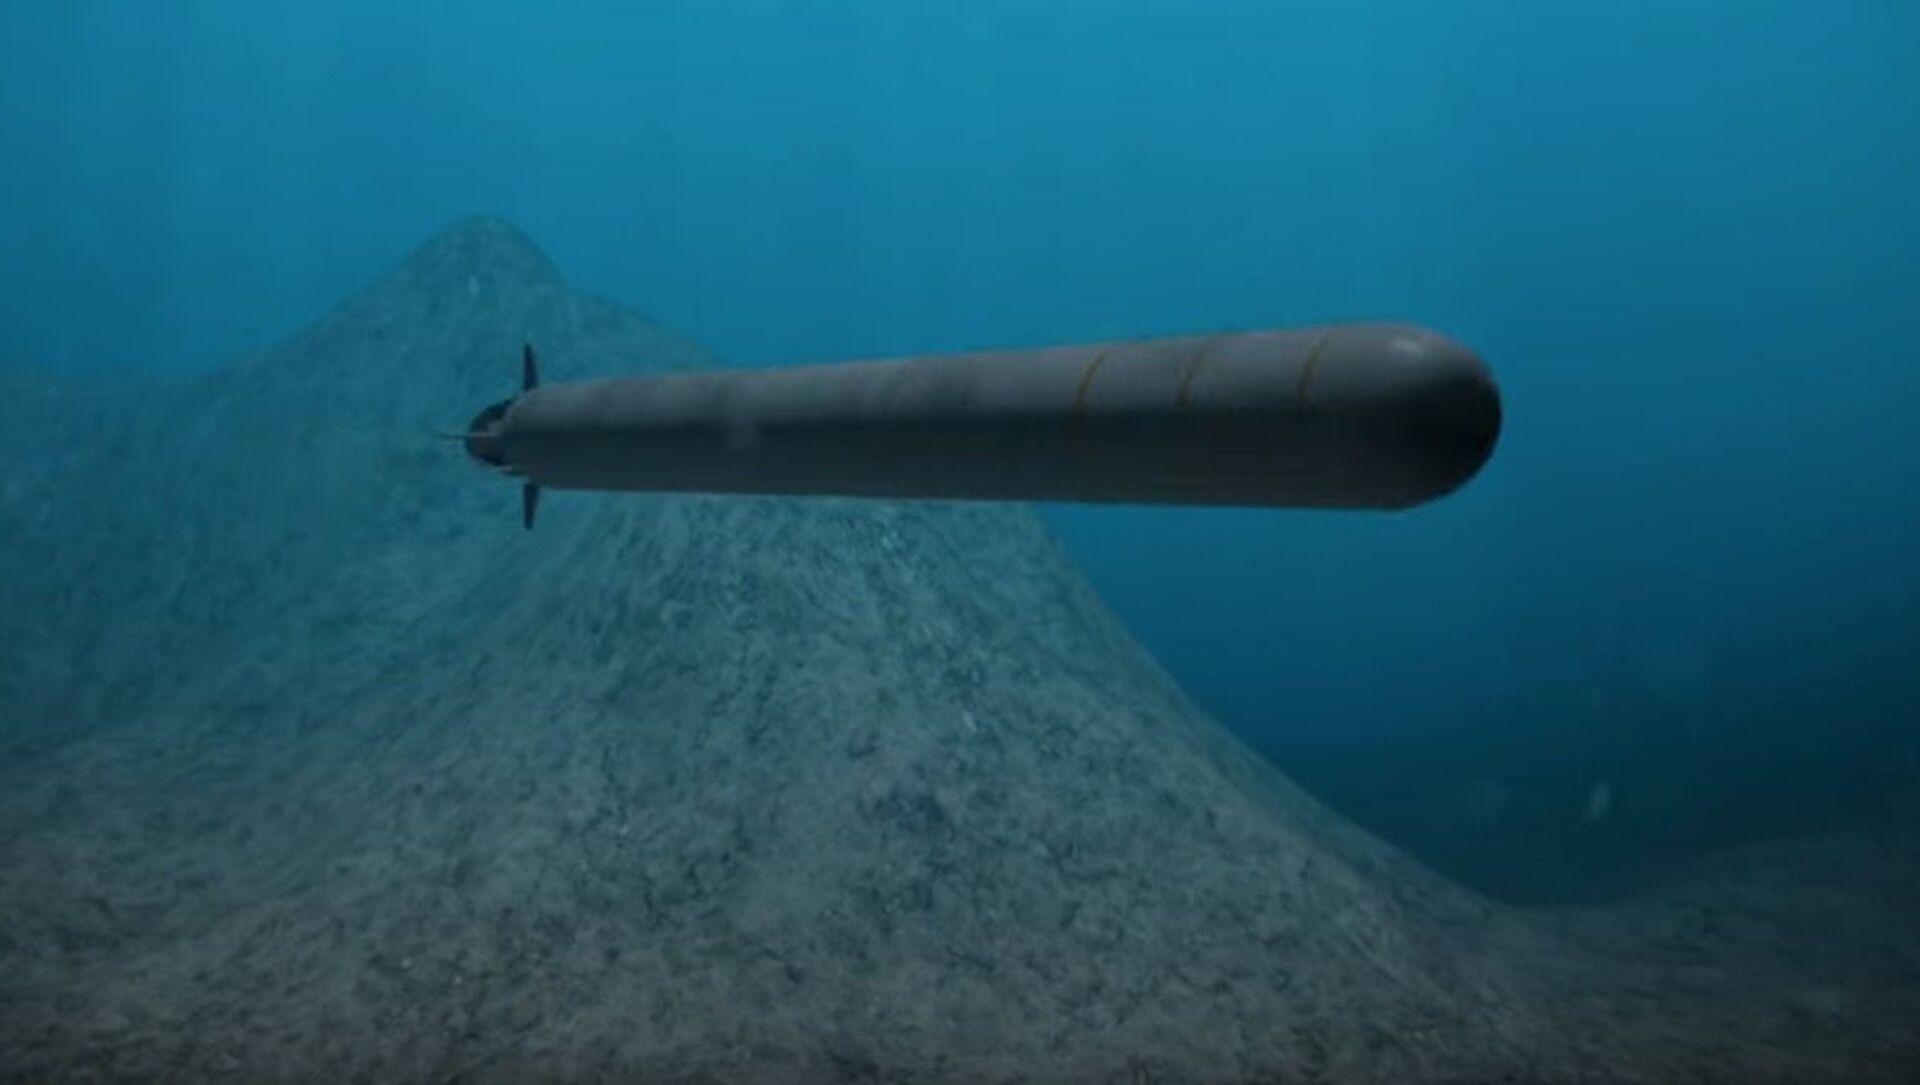 """Tàu ngầm hạt nhân không người lái """"Poseidon"""". - Sputnik Việt Nam, 1920, 20.04.2021"""